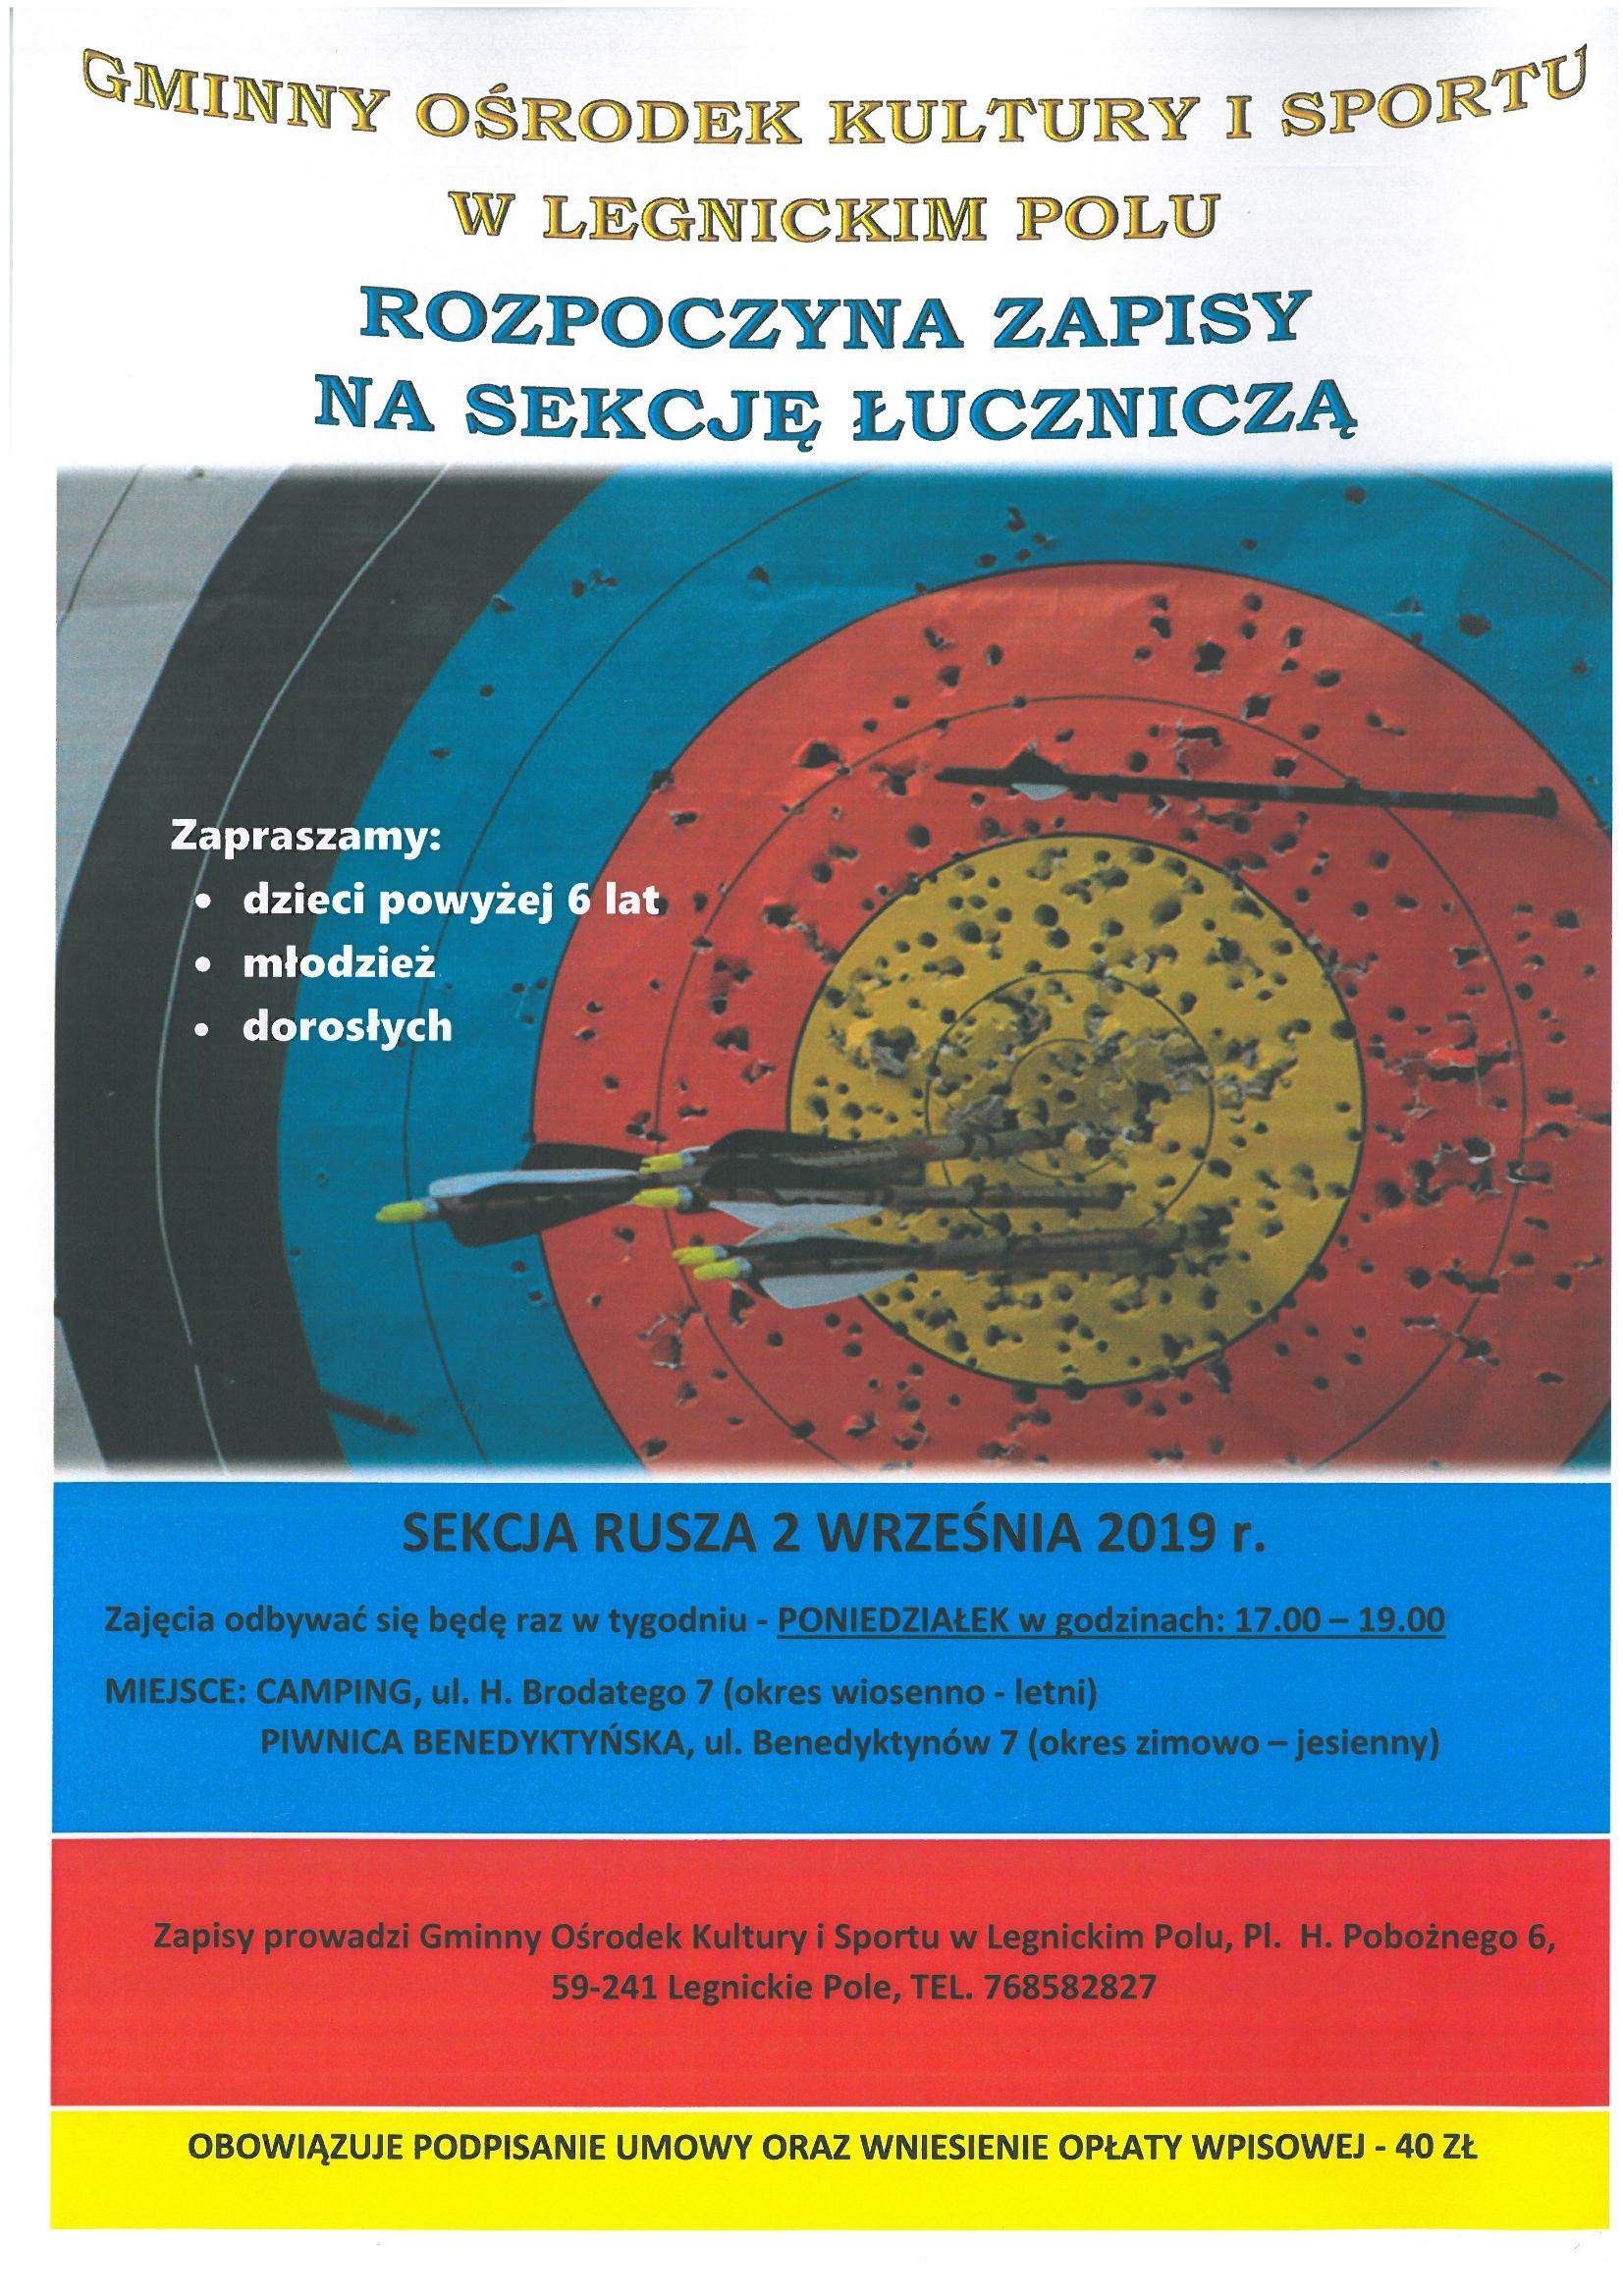 Sekcja łucznicza - zapisy sezon 2019/2020